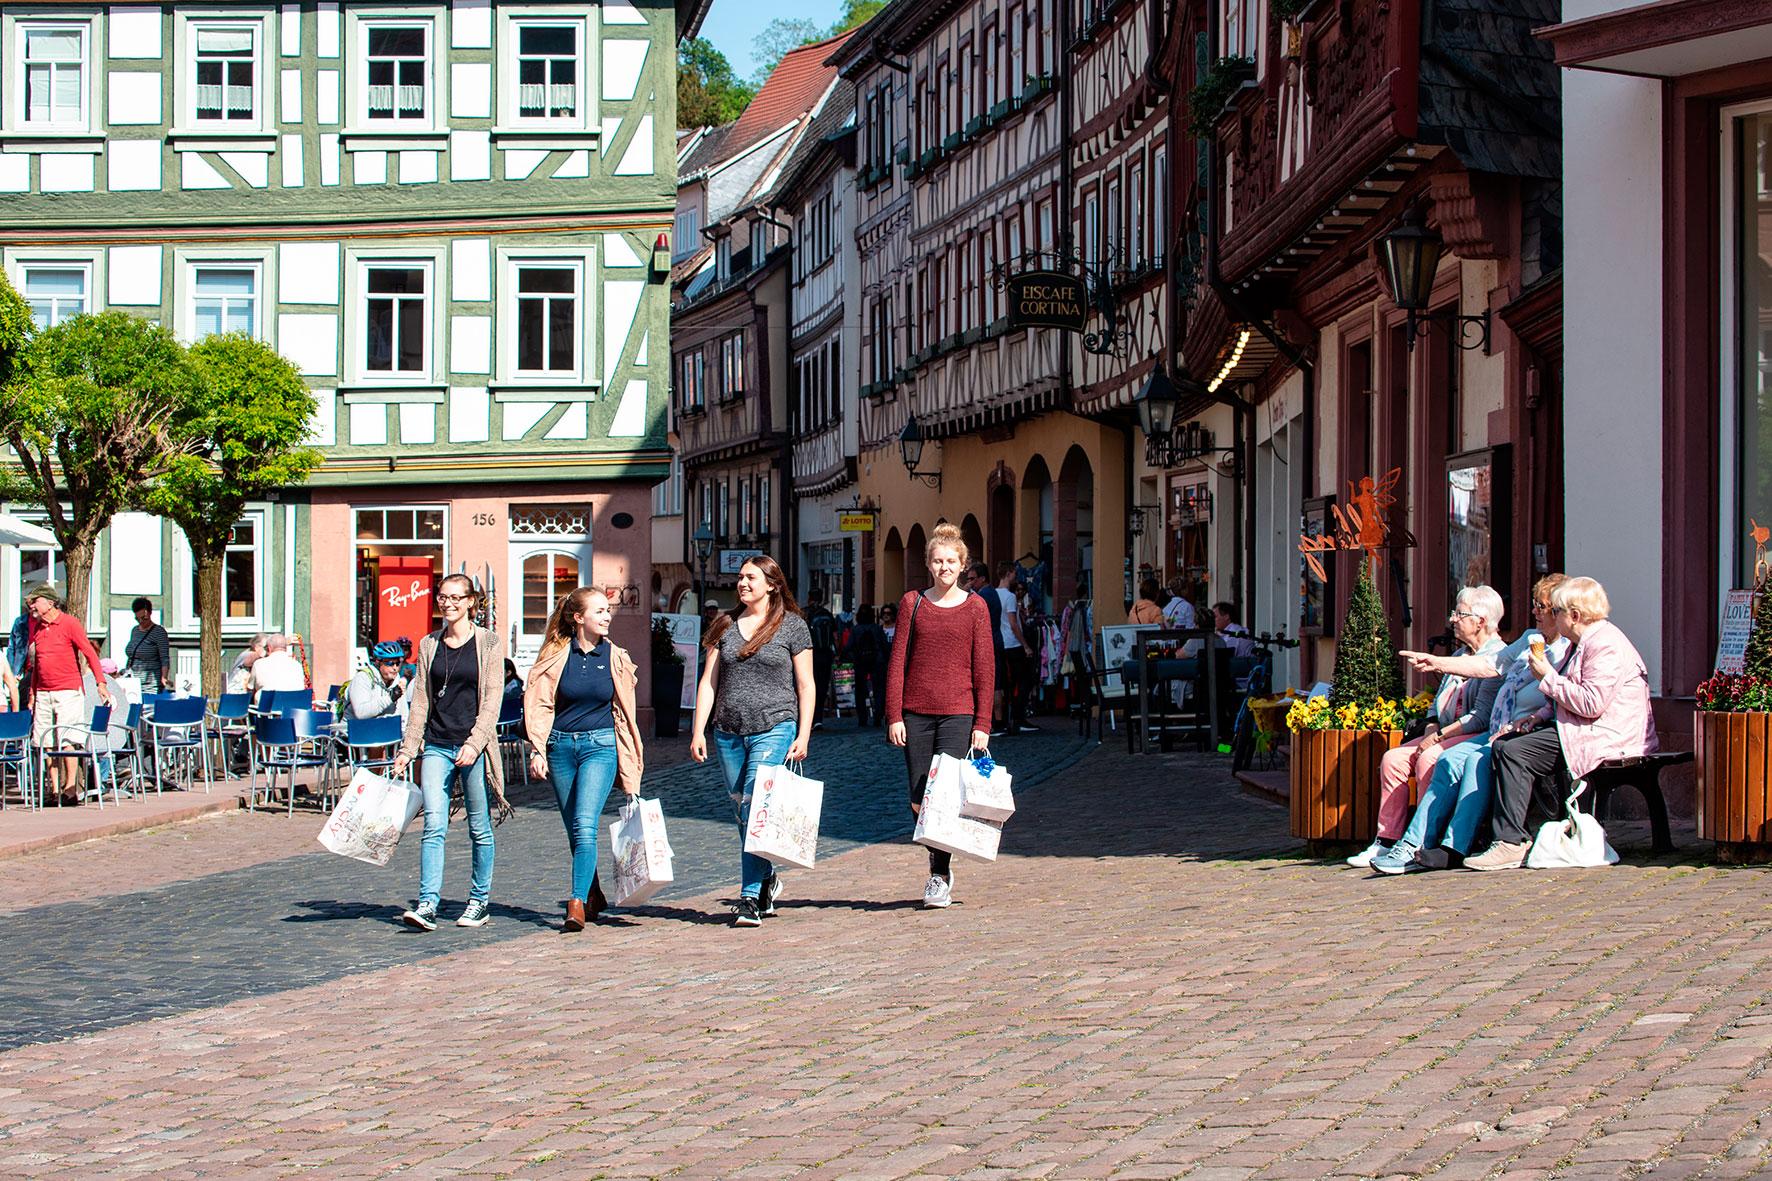 Vier Frauen laufen mit Einkaufstüten durch eine Straße in Miltenberg